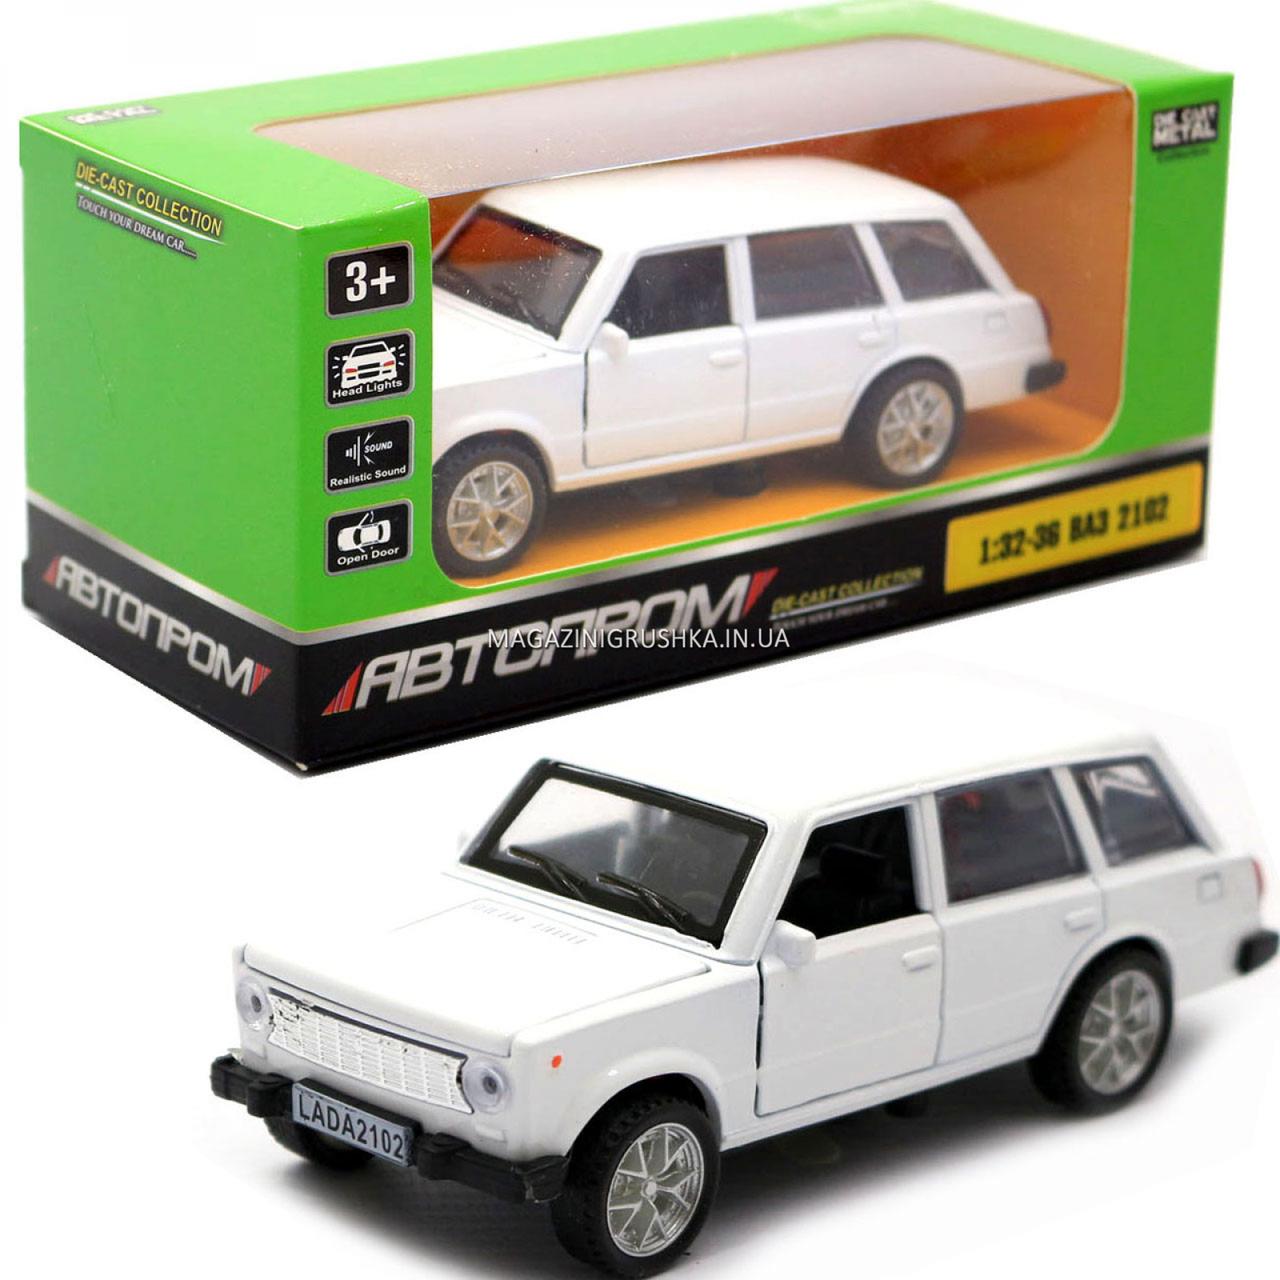 Детская машинка игровая автопром «ВАЗ 2102» 12 см, свет, звук, двери открываются, белый (7501)